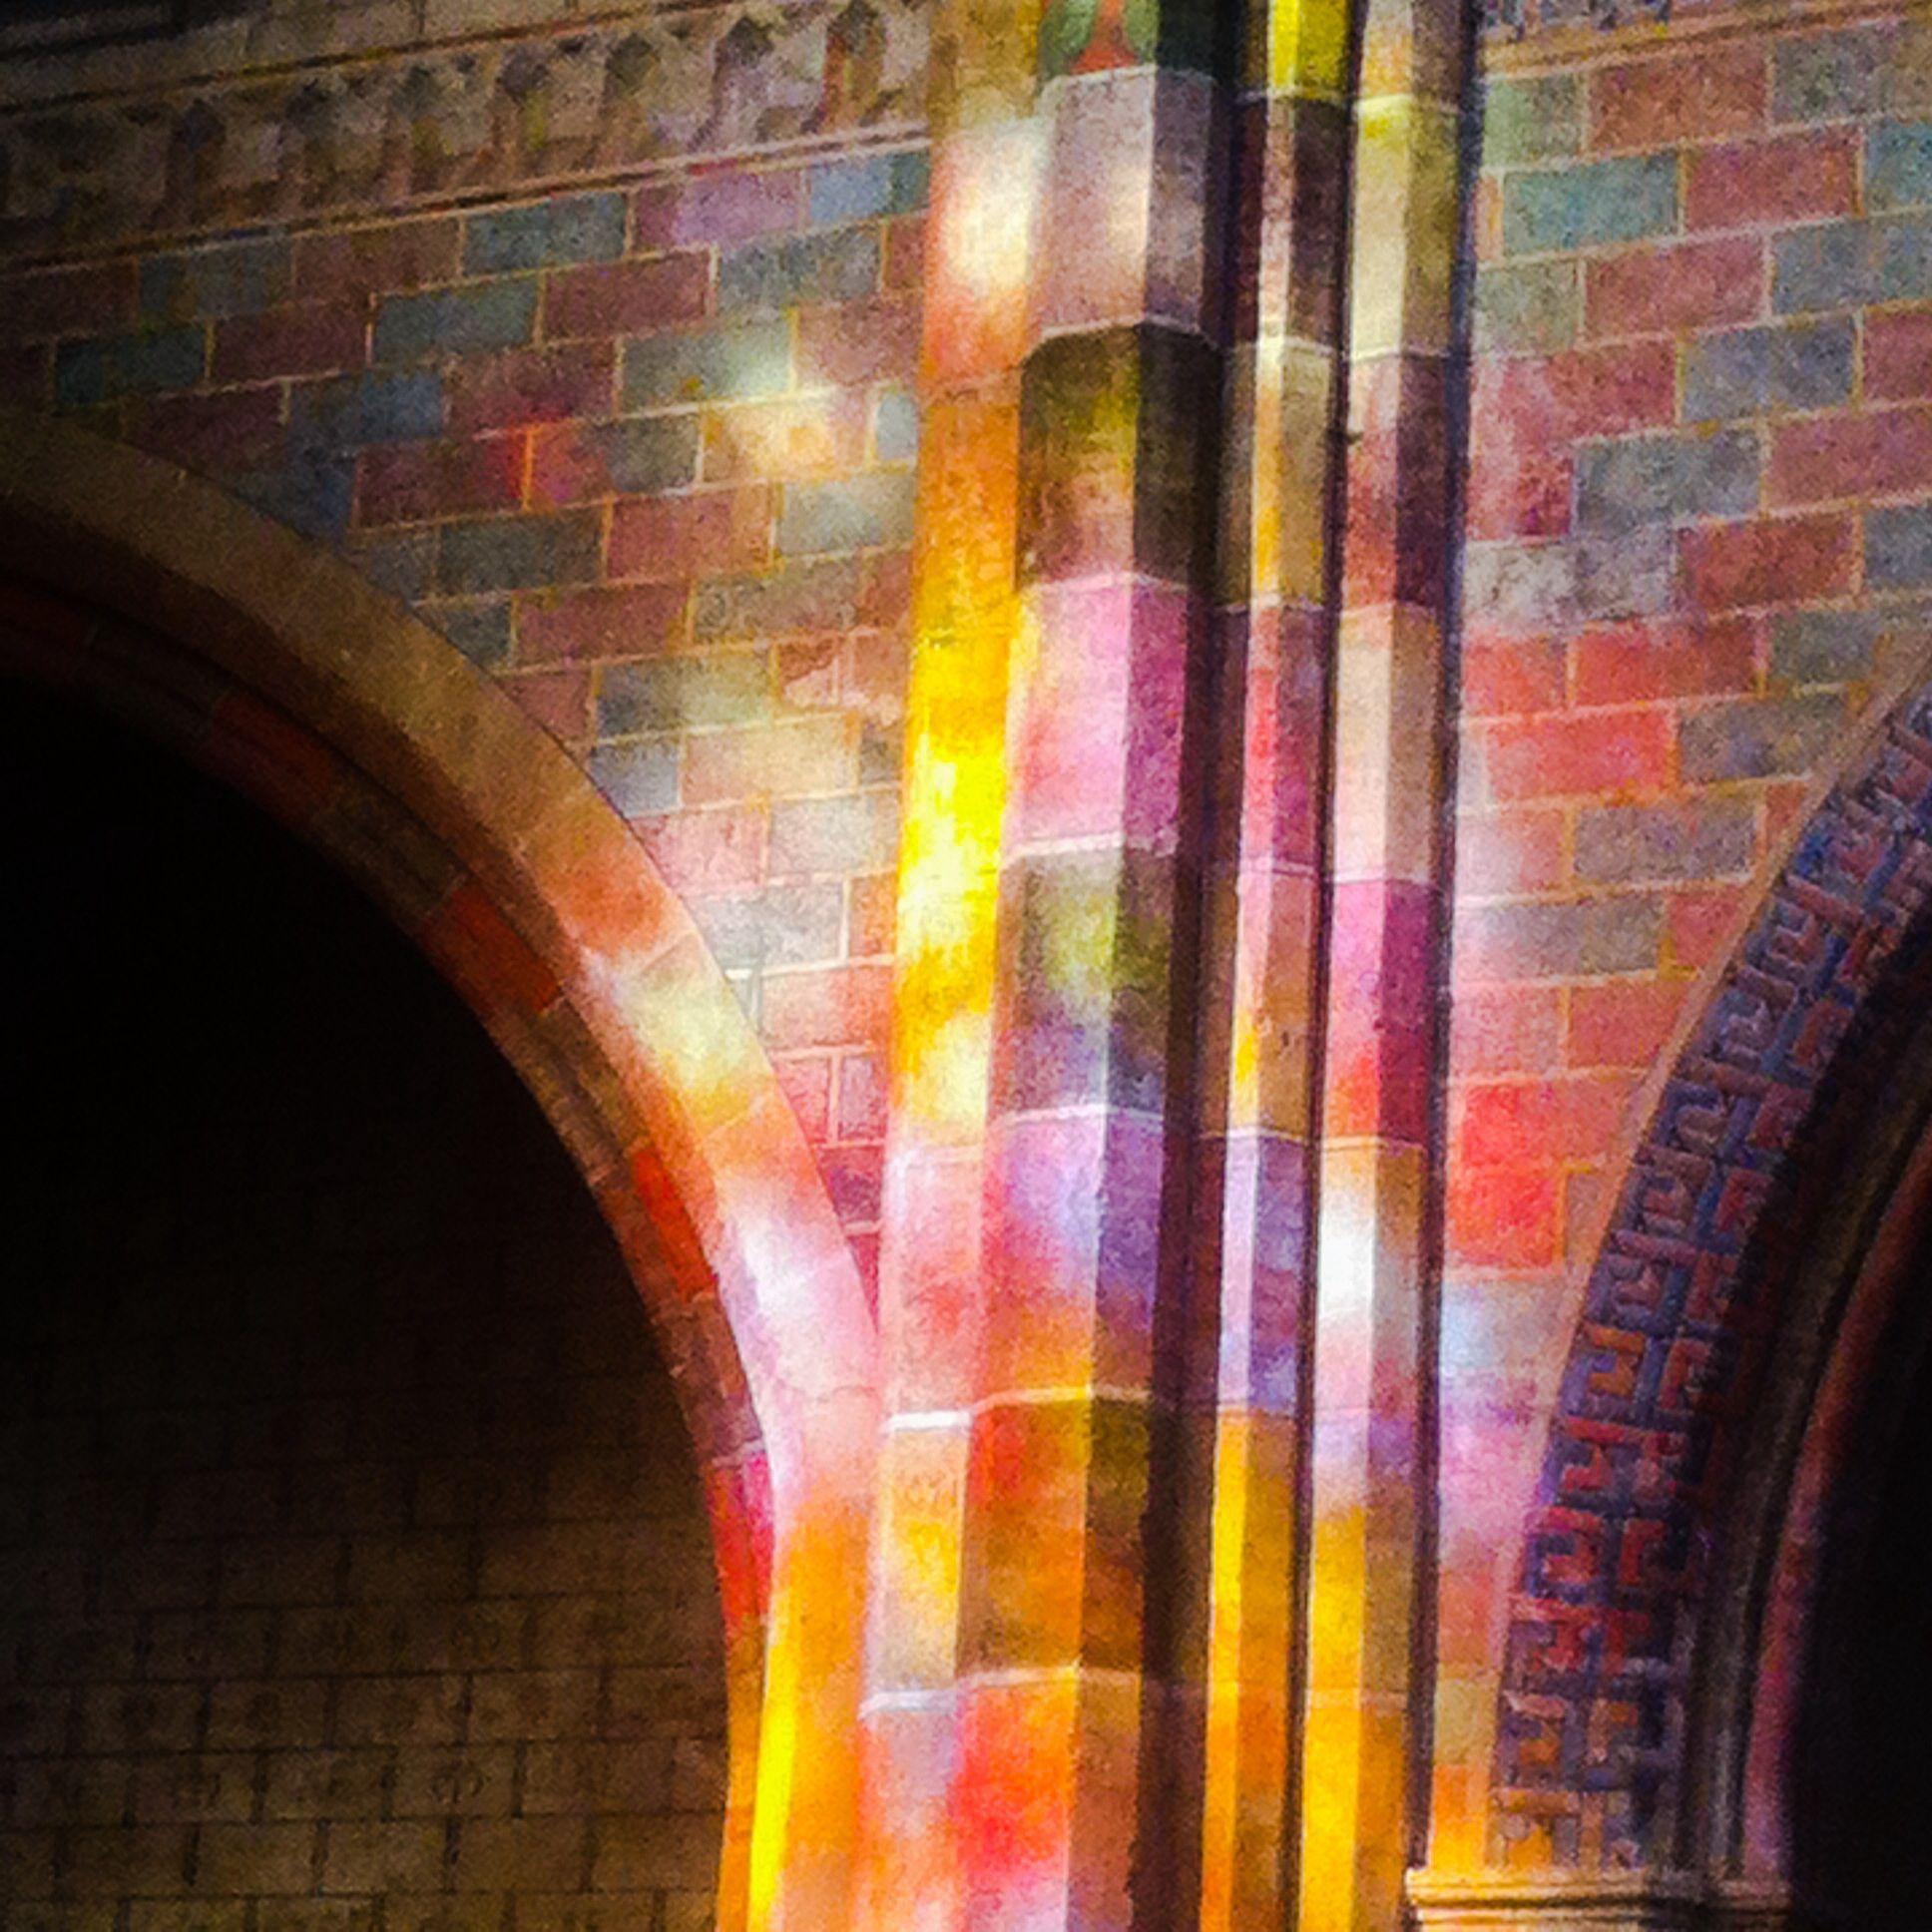 Église des jacobins.- Toulouse. Projection des vitraux